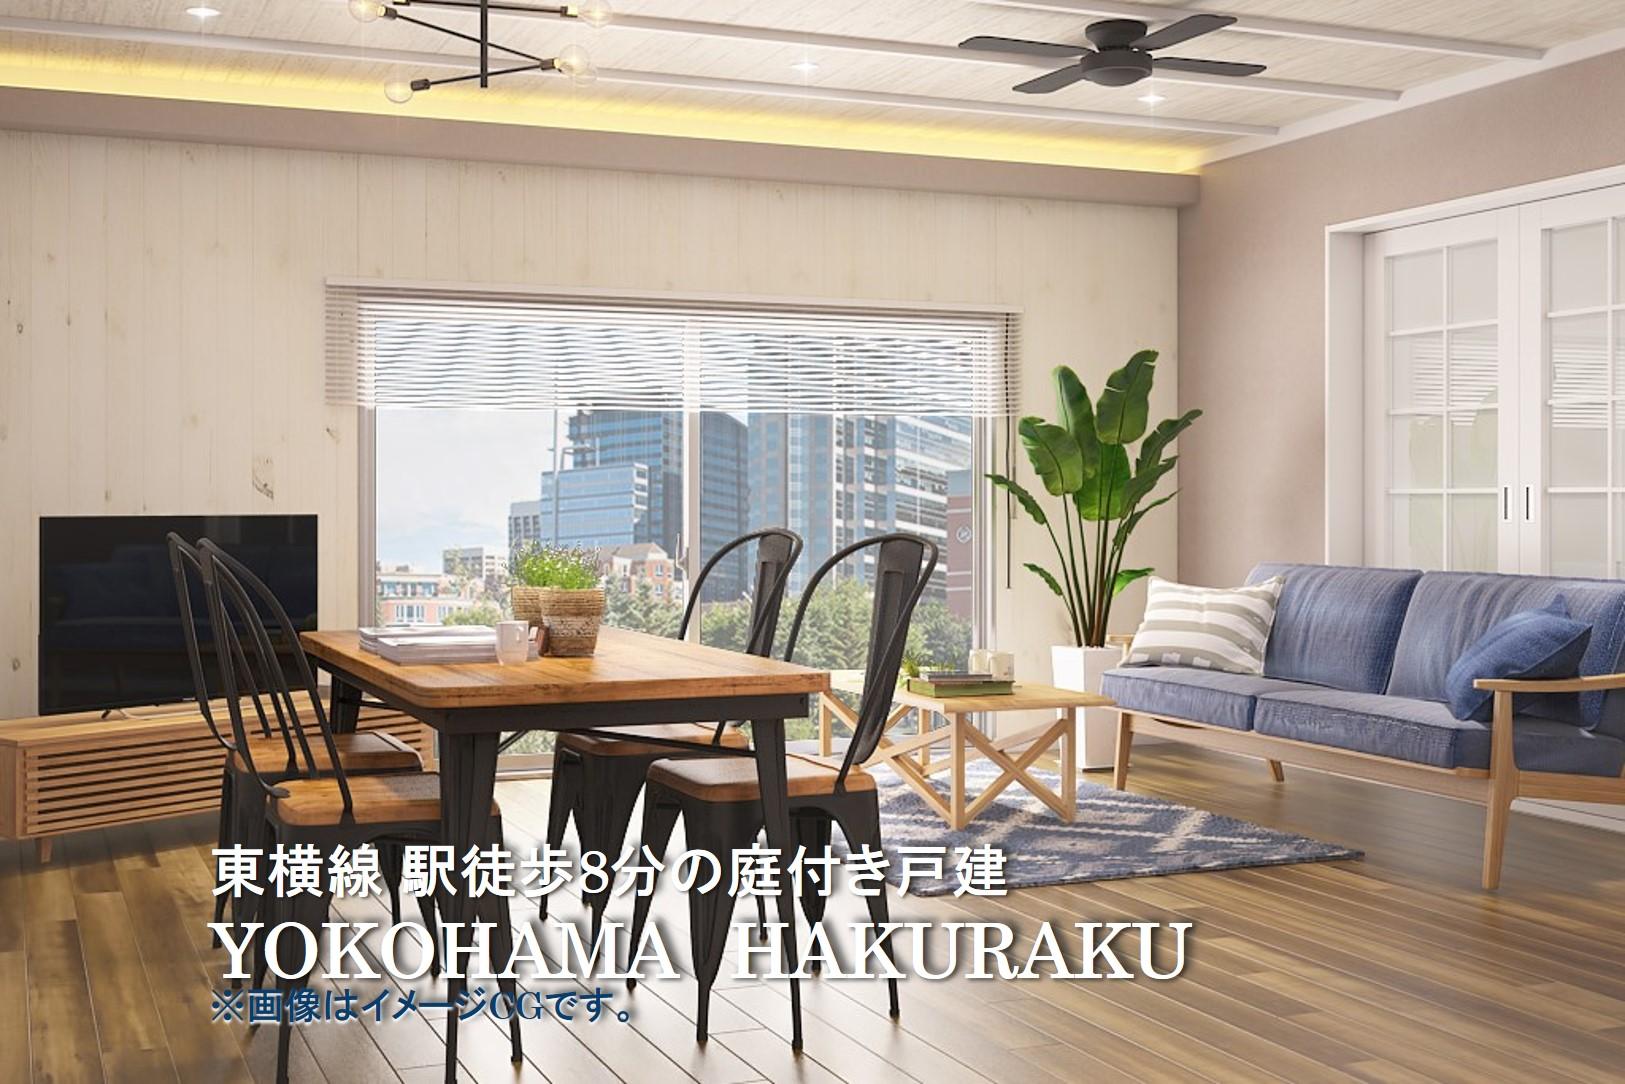 東横線 駅徒歩8分の庭付き戸建 YOKOHAMA HAKURAKU